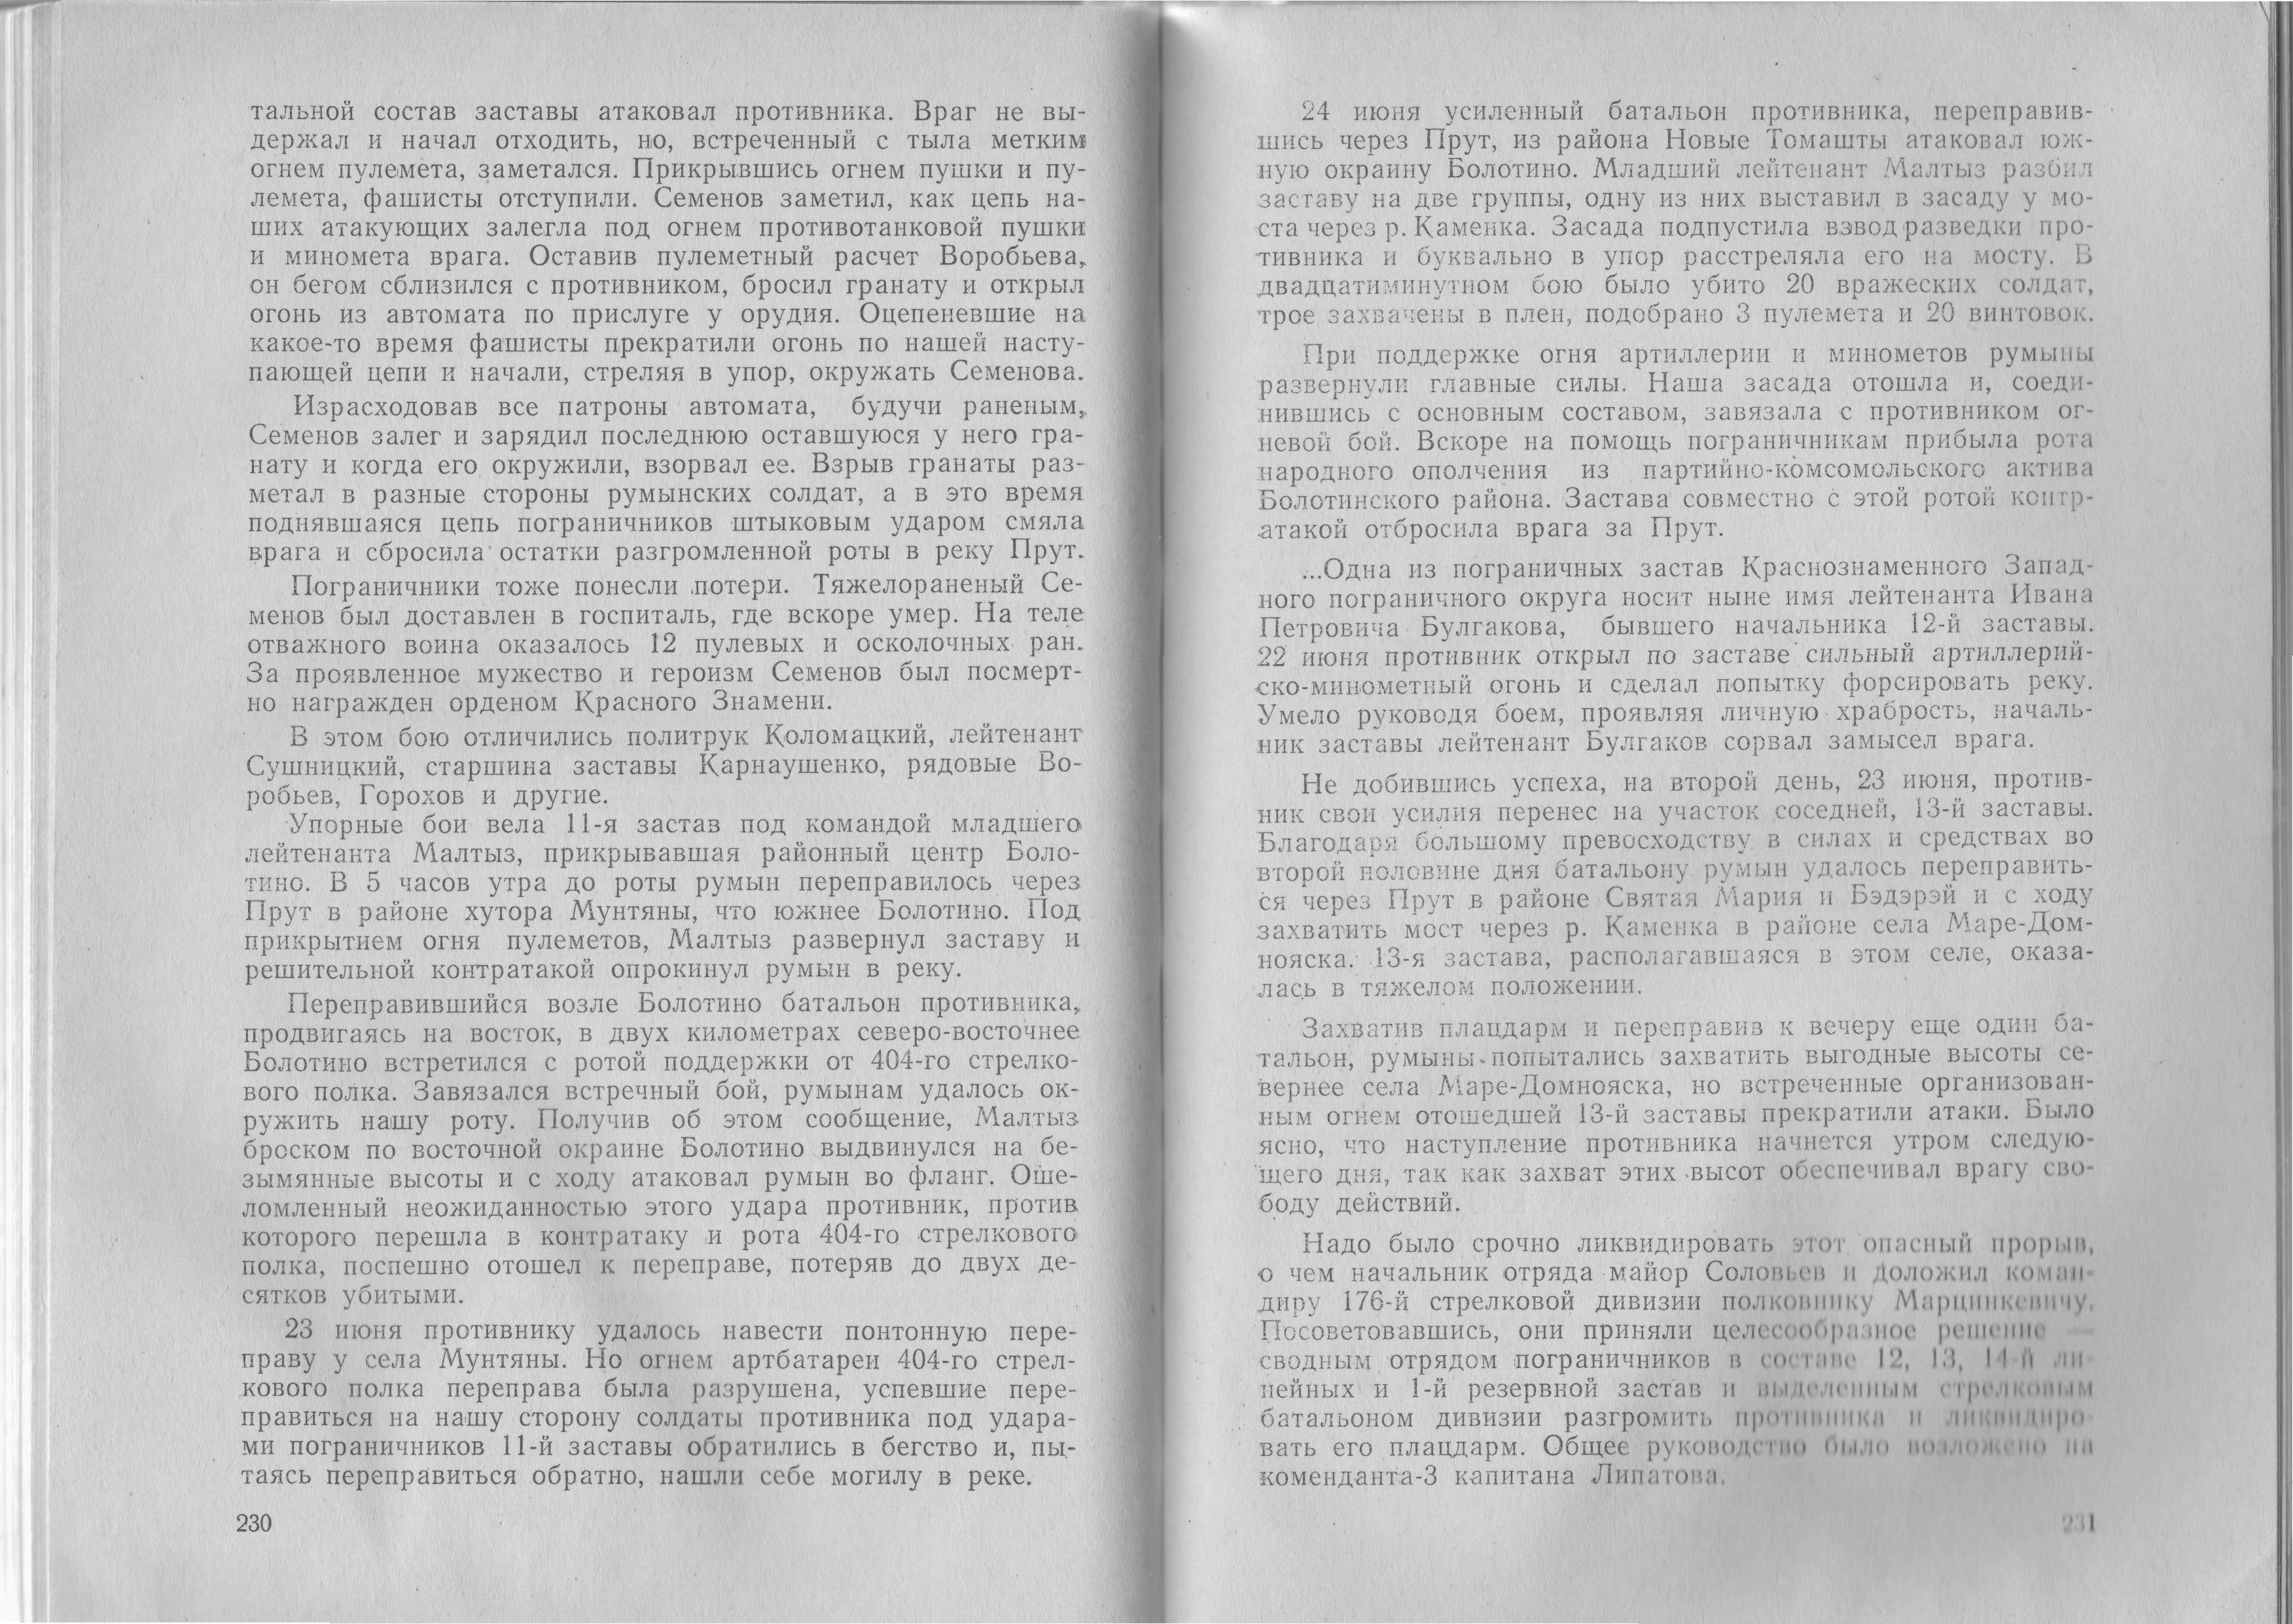 Книга «На страже границ Советского государства» (текст С. Е. Капустина) - Страница 230-231